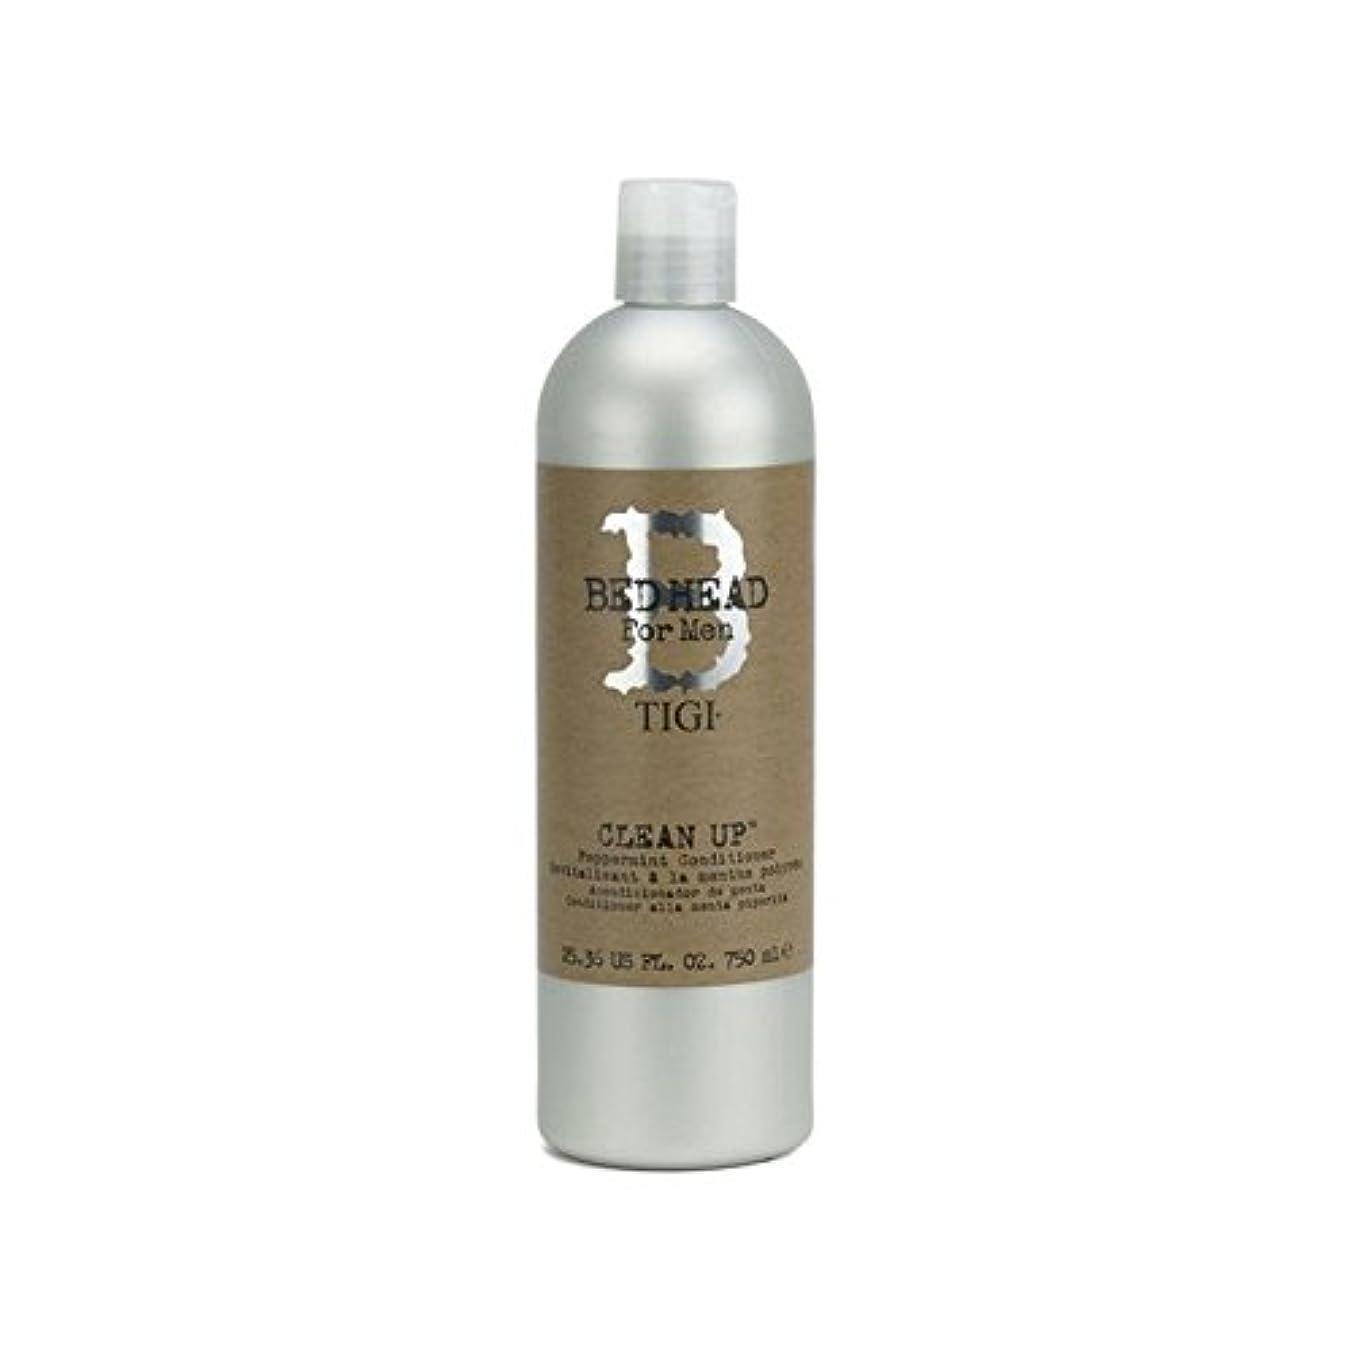 原告ビーチ言い直すTigi Bed Head For Men Clean Up Peppermint Conditioner (750ml) - ペパーミントコンディショナーをクリーンアップする男性のためのティジーベッドヘッド(750ミリリットル) [並行輸入品]